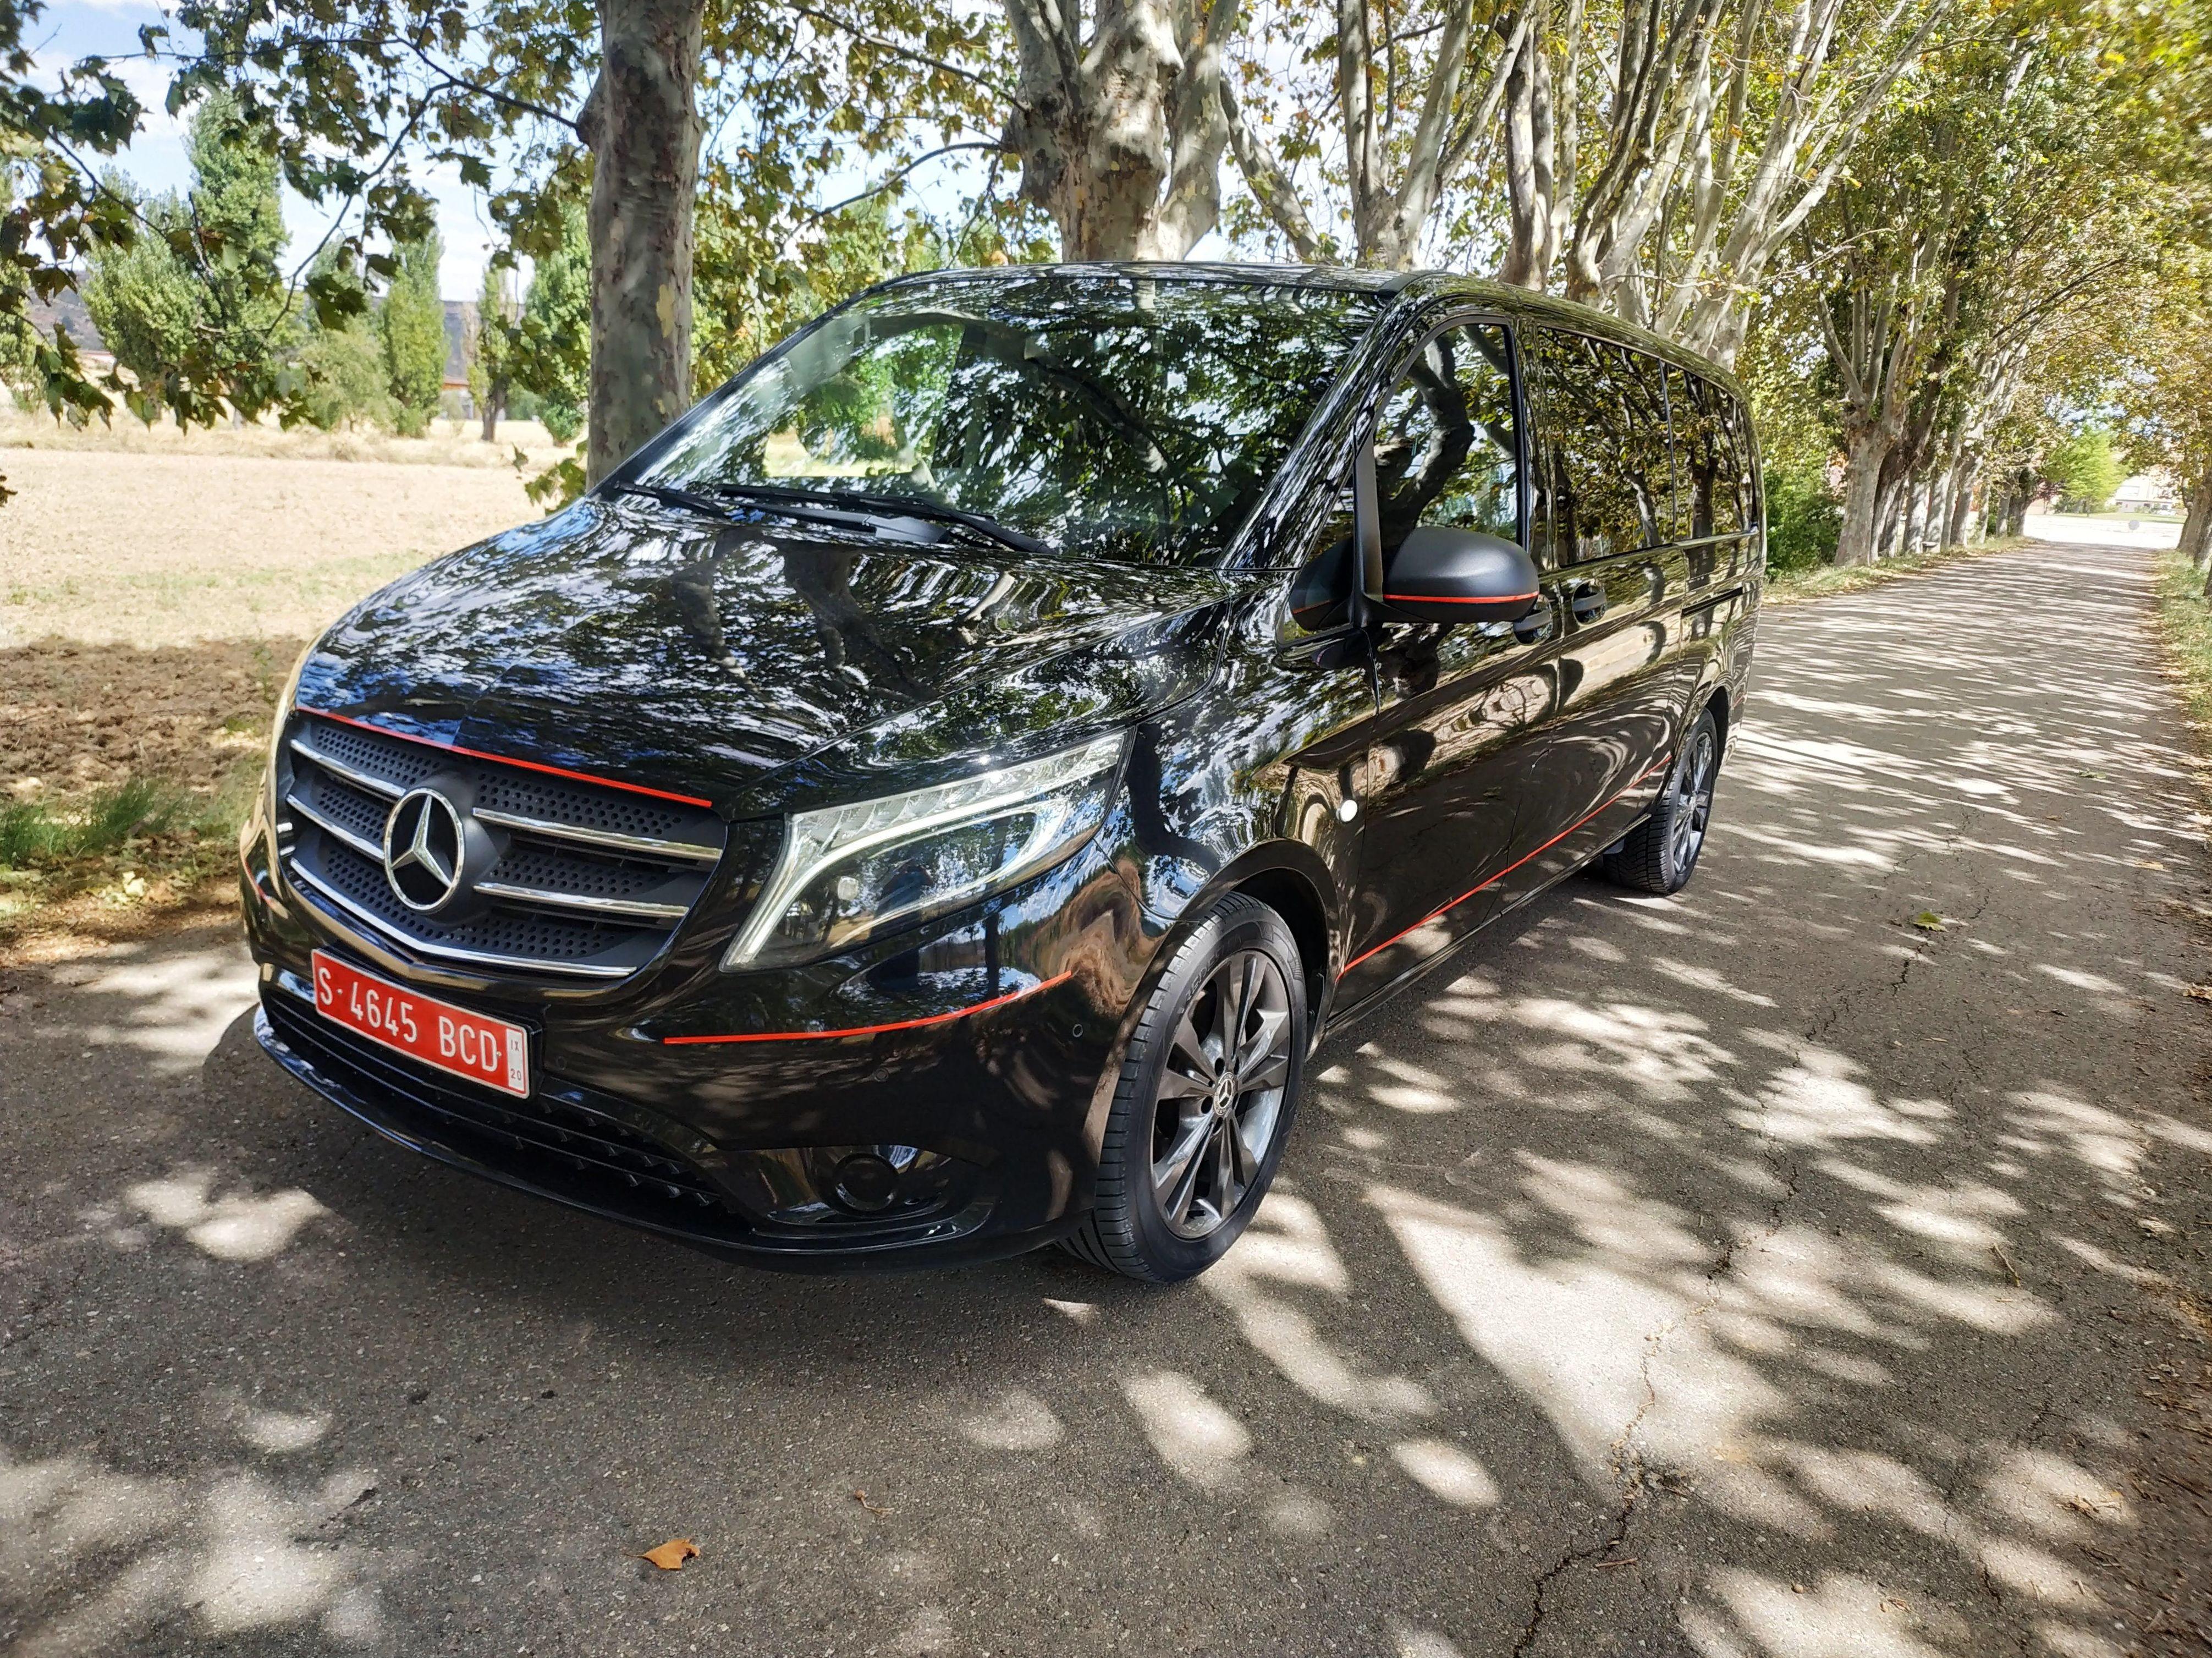 Mercedes Vito Tourer Select 190 cv: PRODUCTOS Y SERVICIOS  de Autotaxi Eliseo